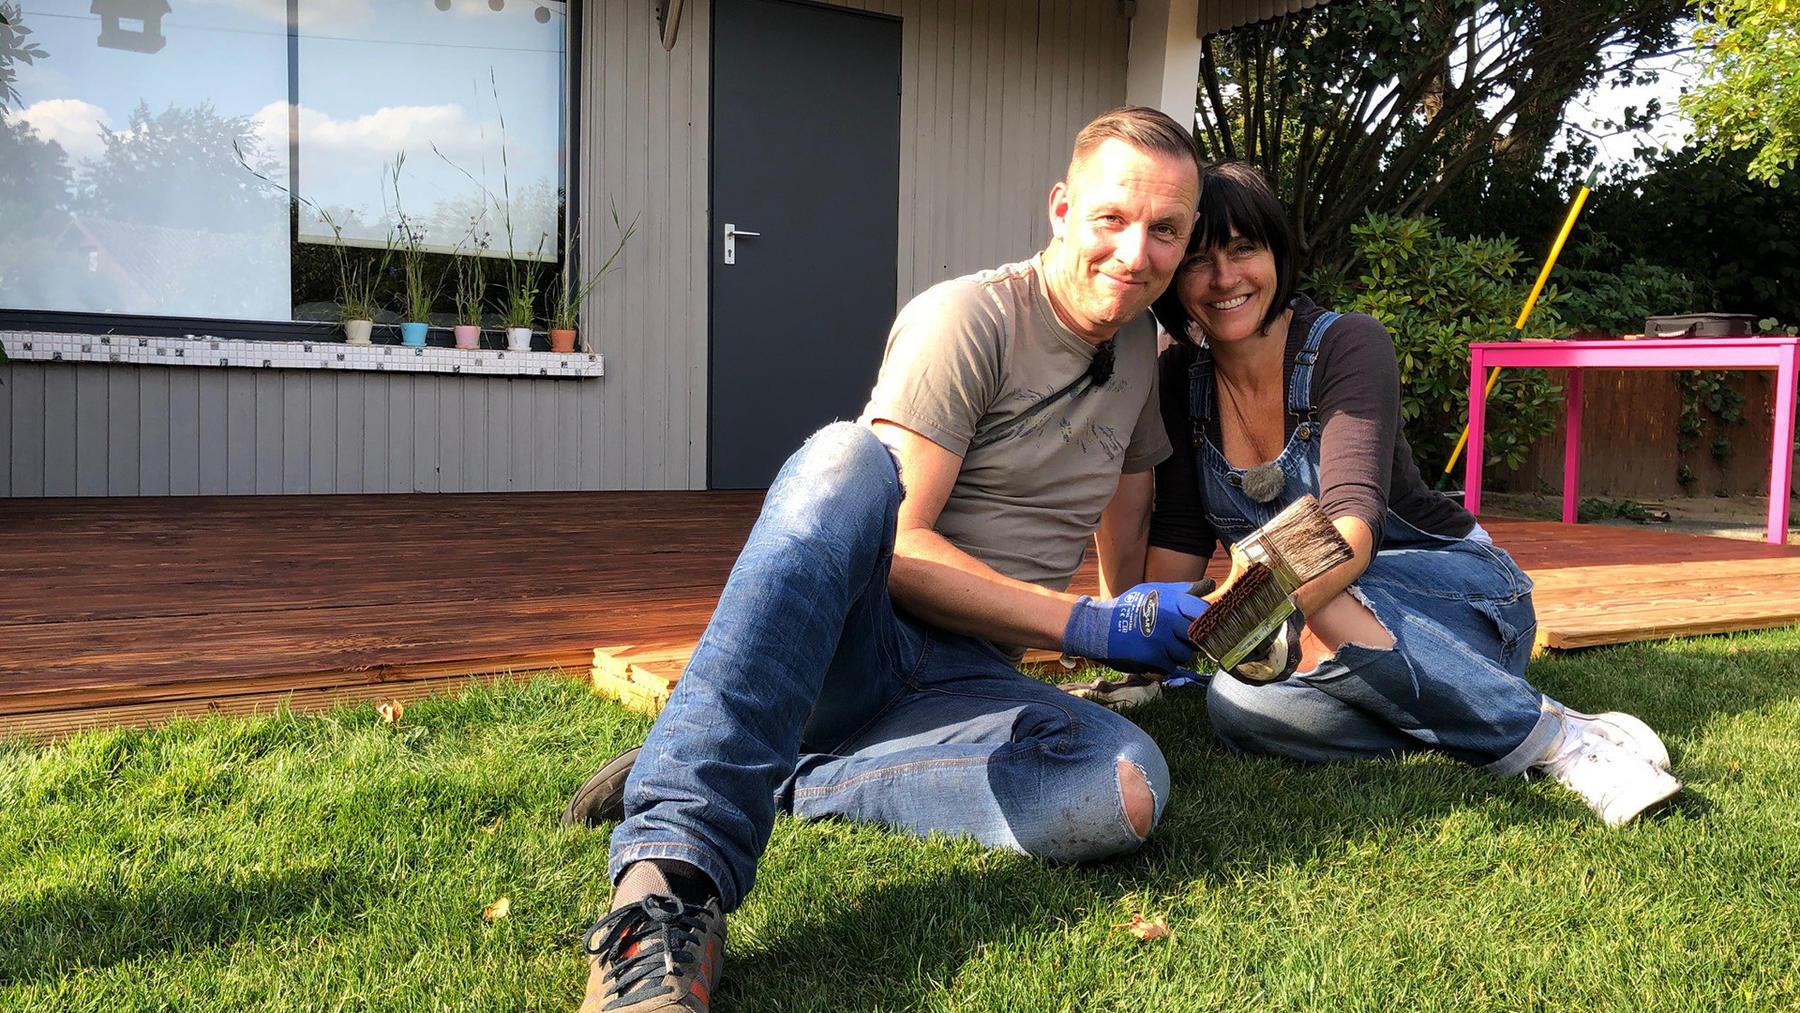 Heute u.a.: Nicole und Thomas bauen ein Hochbeet